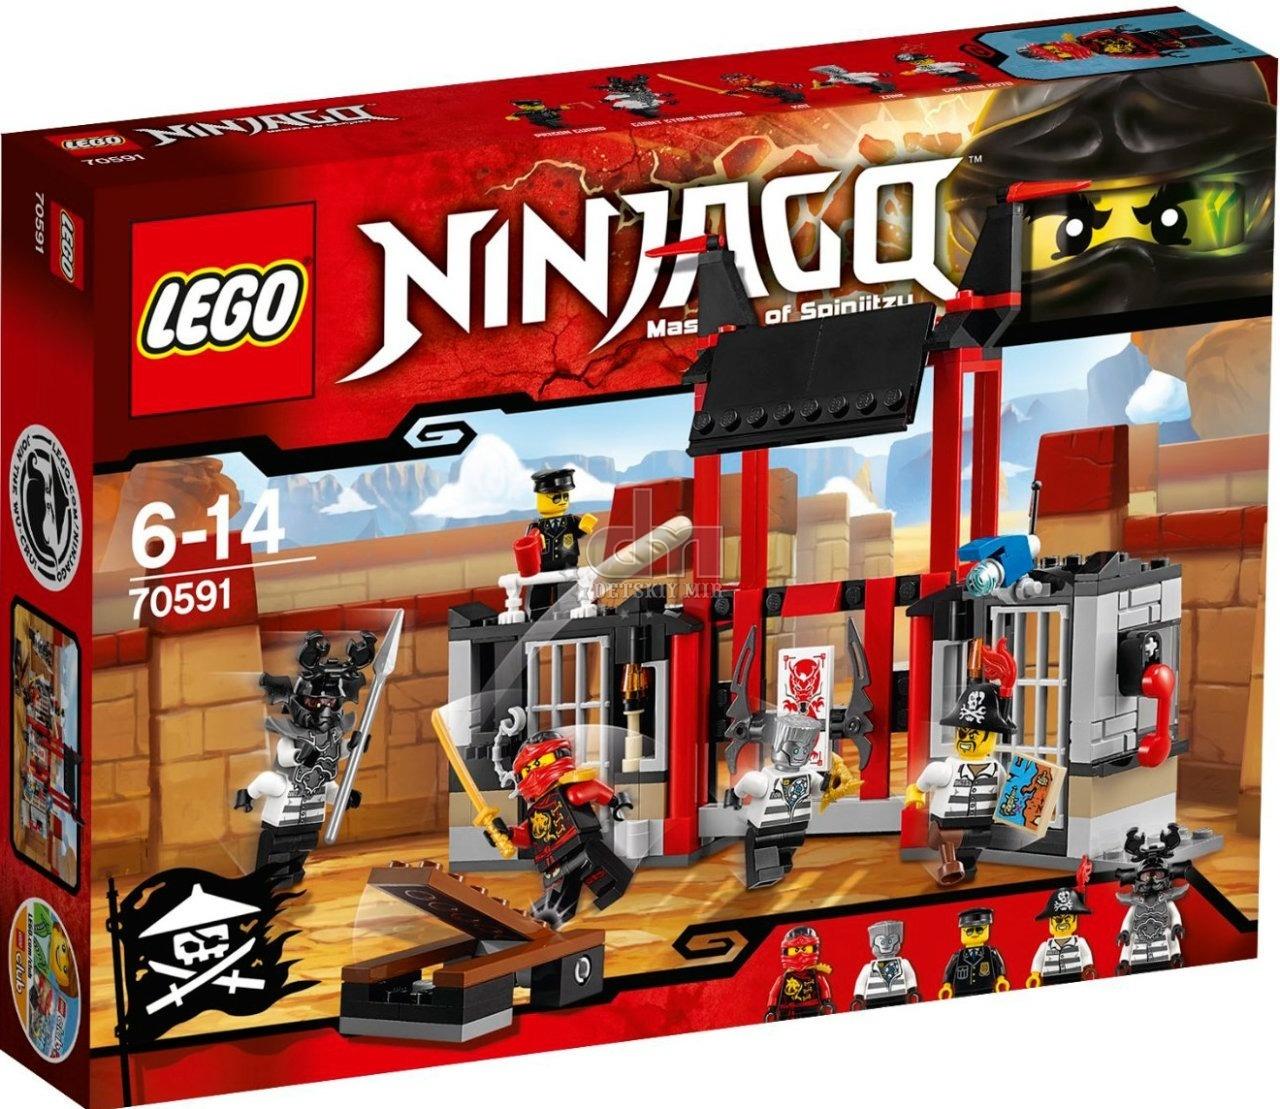 Лего нинзяго весь набор картинки